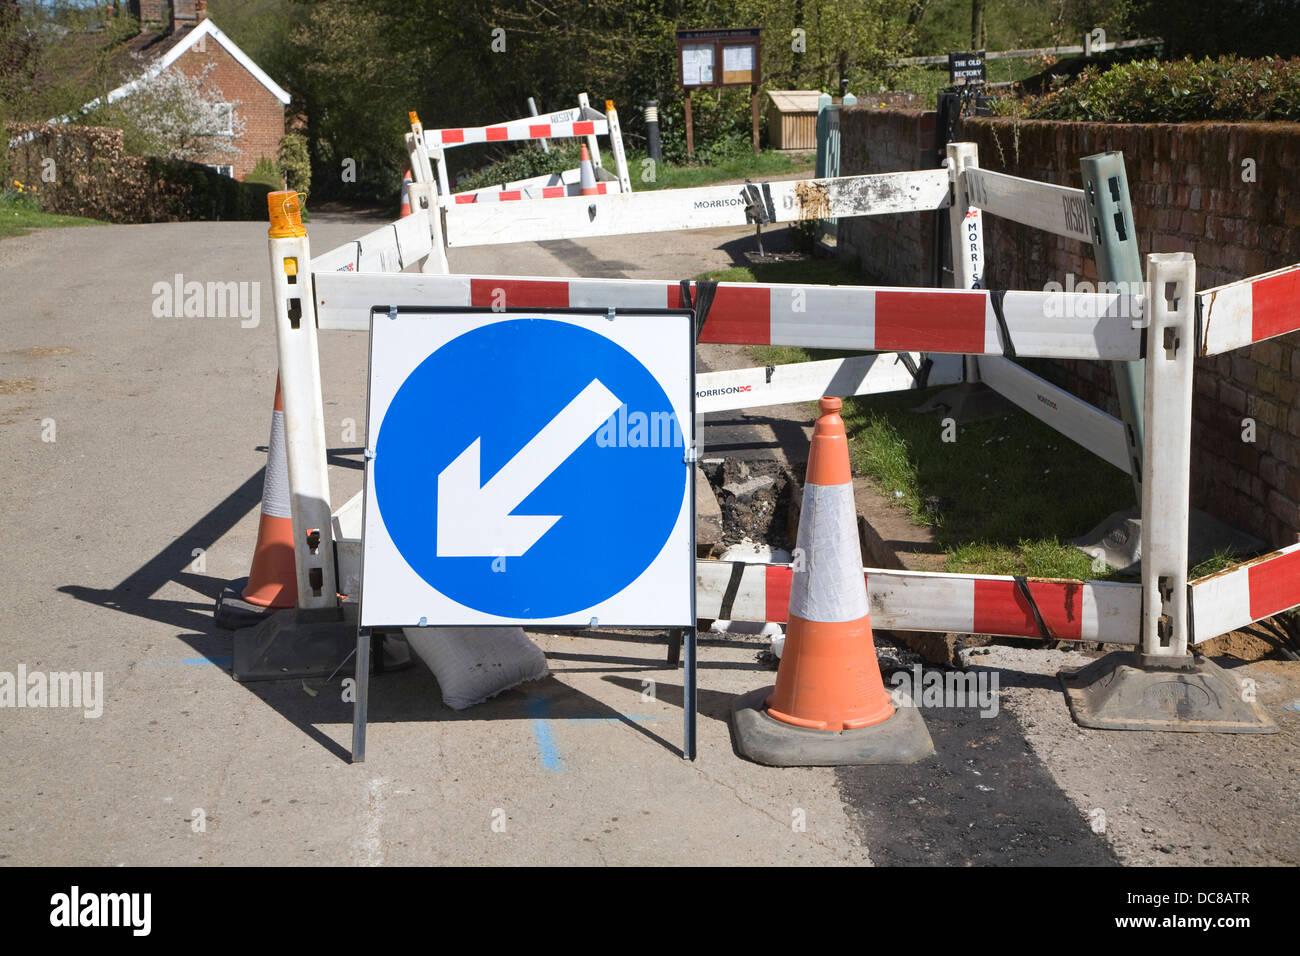 La dirección de la flecha azul señales de carretera en obras viales UK Imagen De Stock